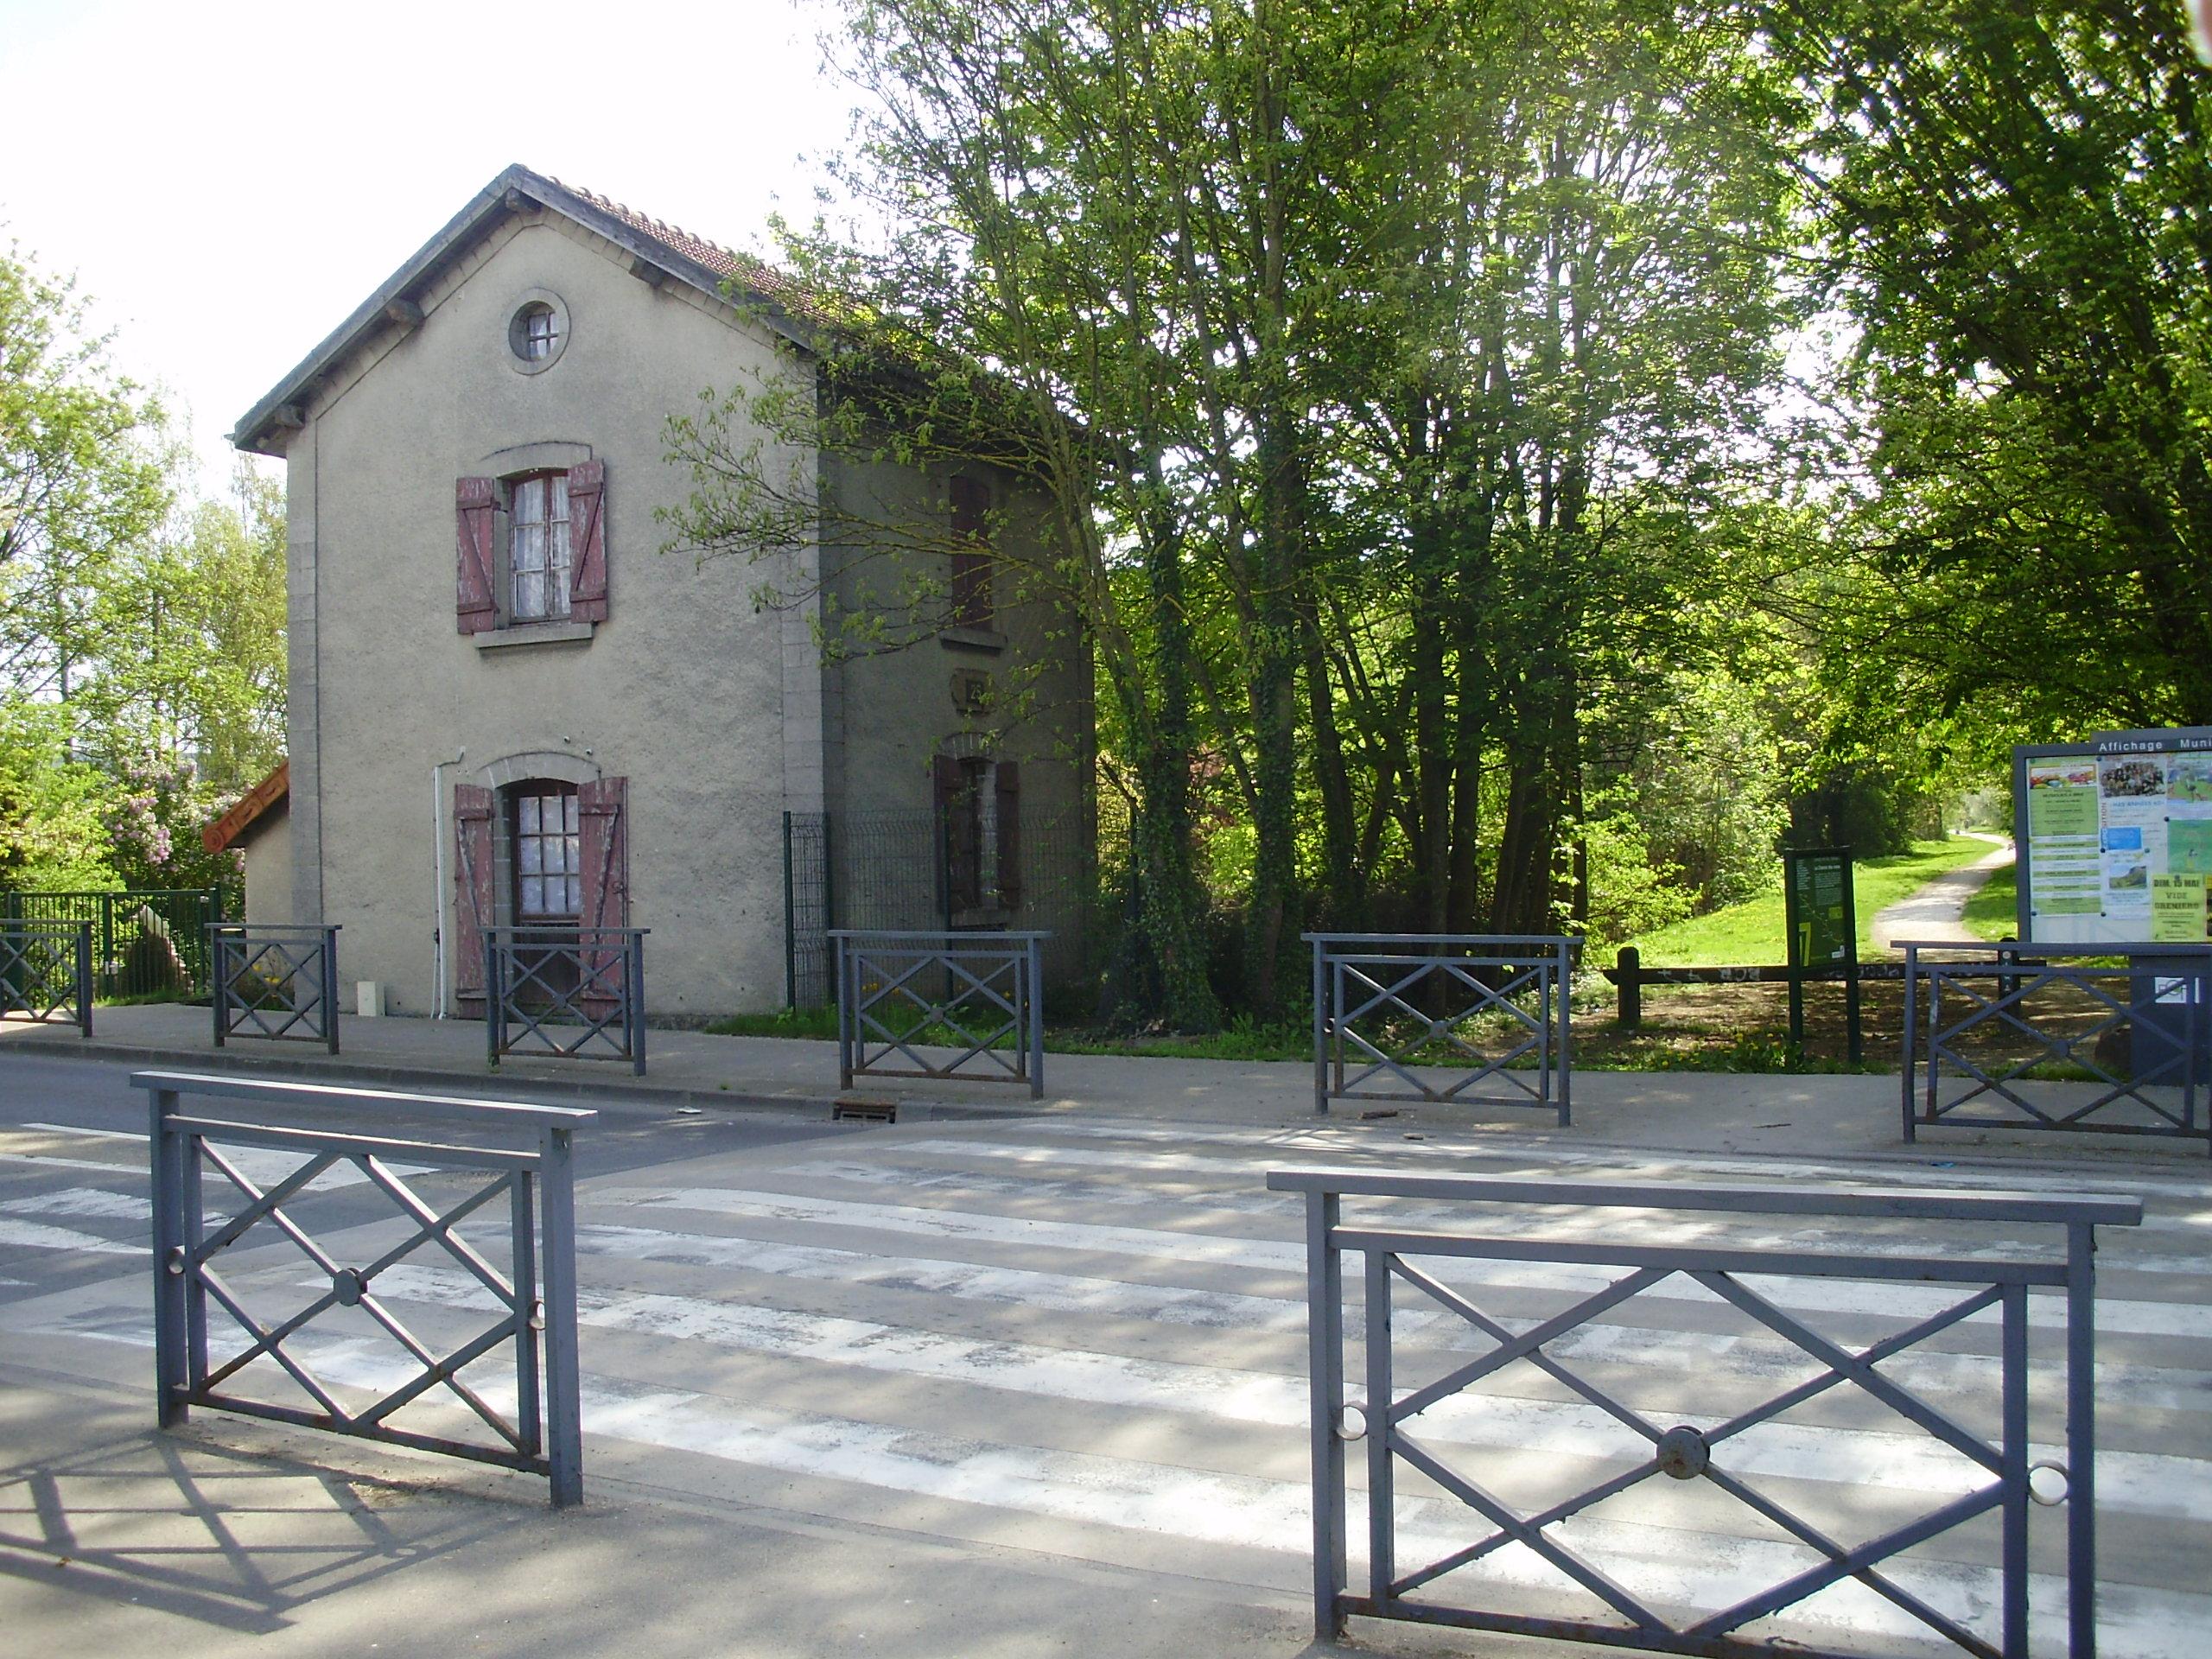 Gare de brie comte robert for Ancienne maison des gardes